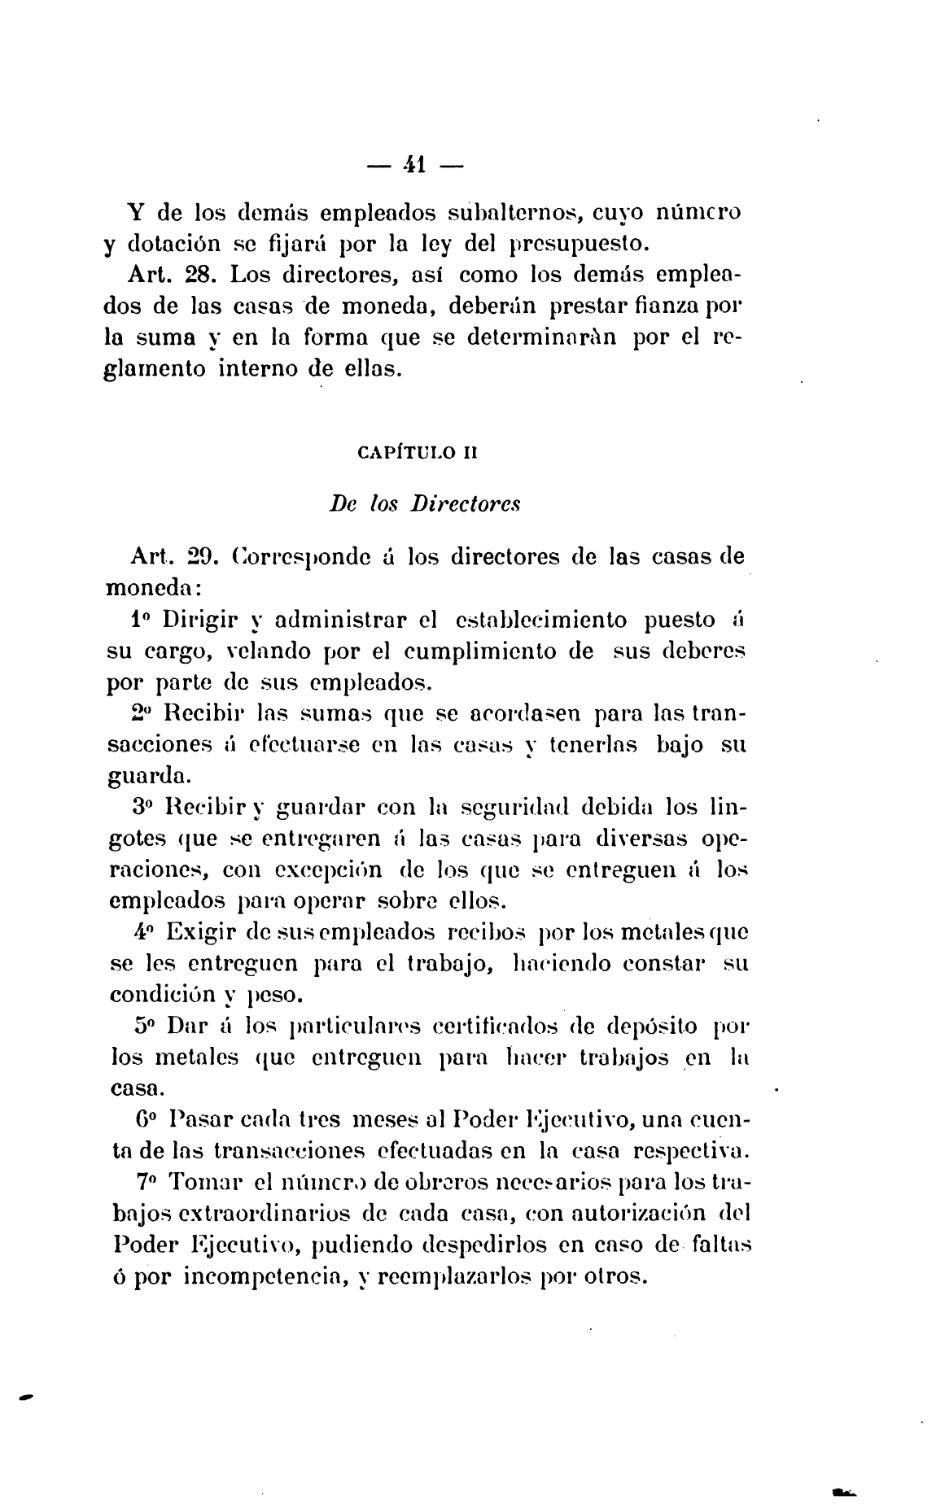 P gina bancos y moneda recopilaci n de leyes y decretos 1854 wikisource - Casa de la moneda empleo ...